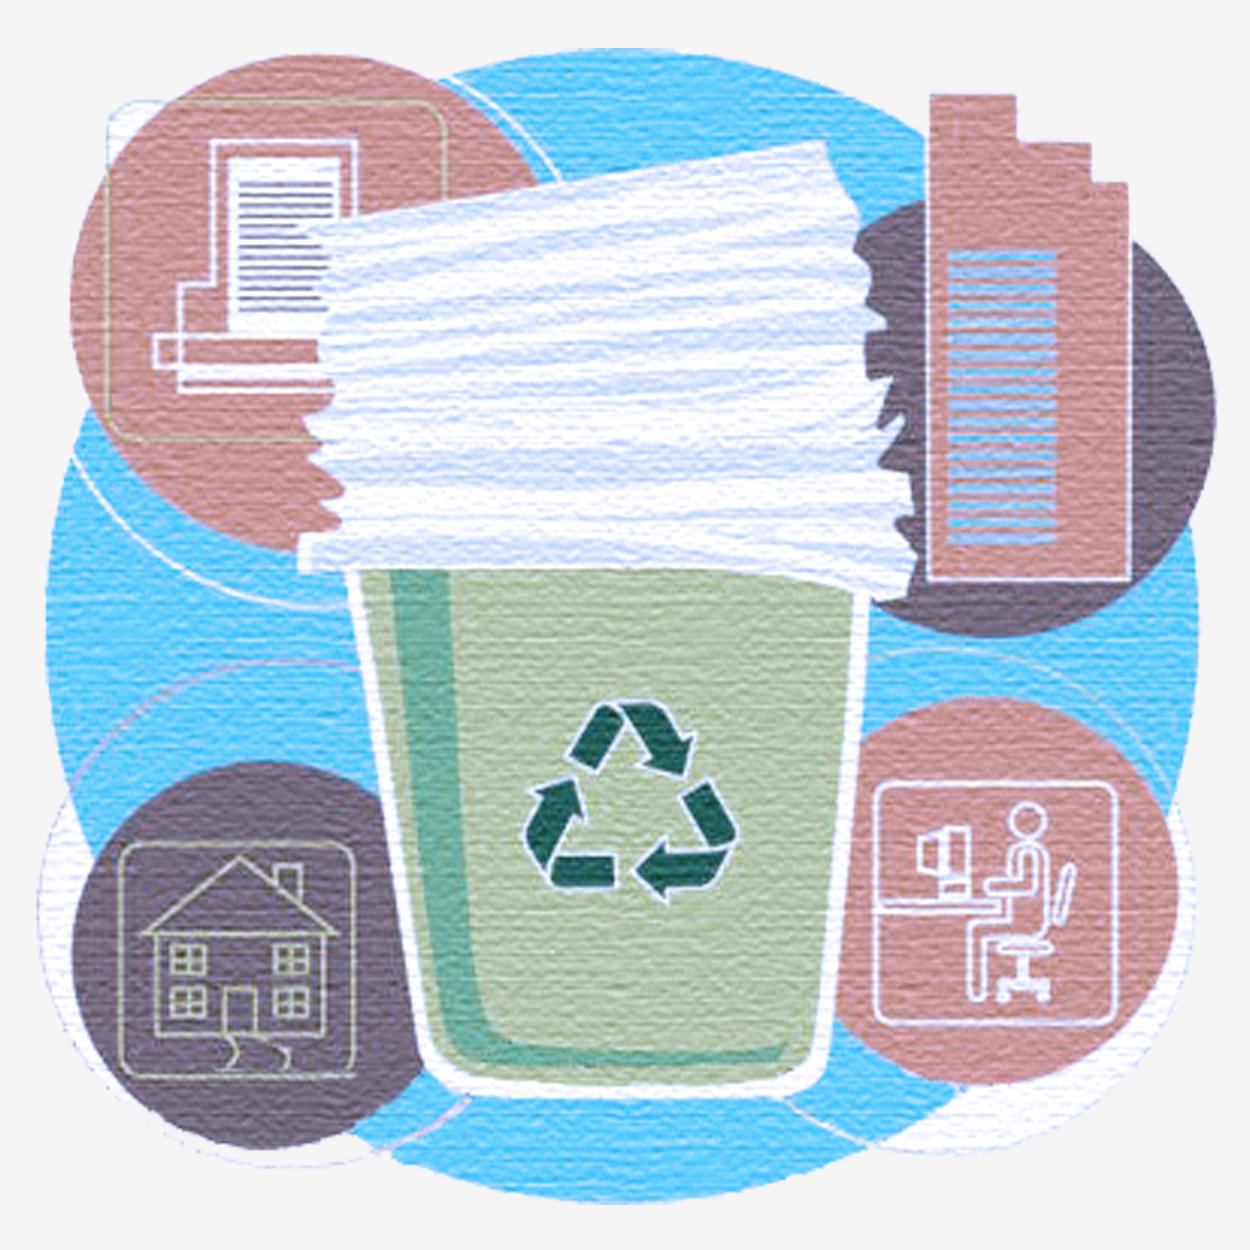 Política Nacional dos Resíduos Sólidos; Reciclagem; Aterros; Lixão;